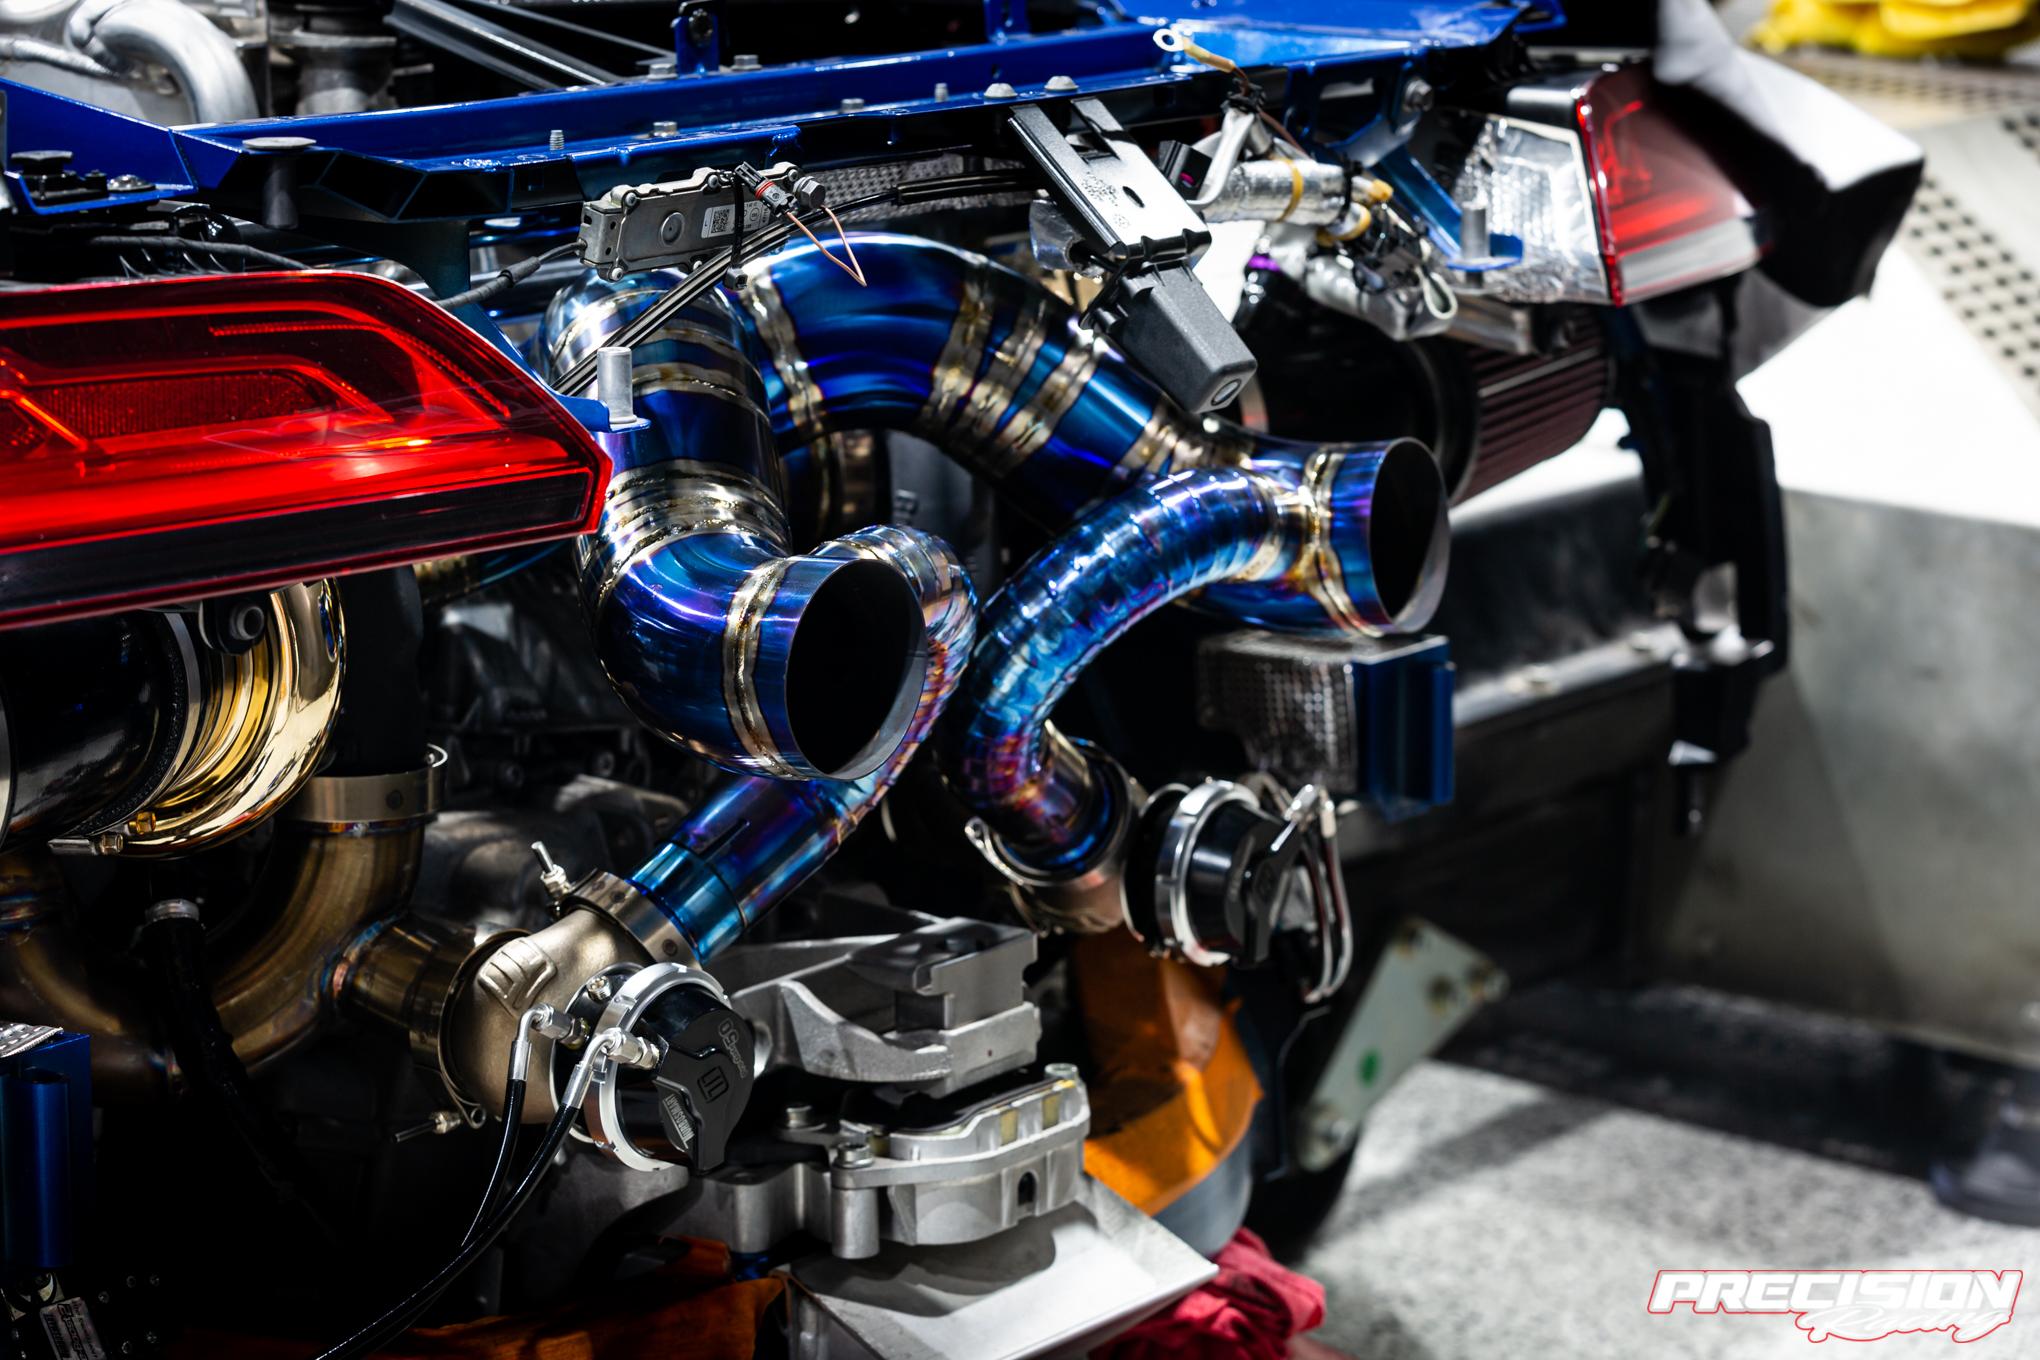 R8 twin turbo 12